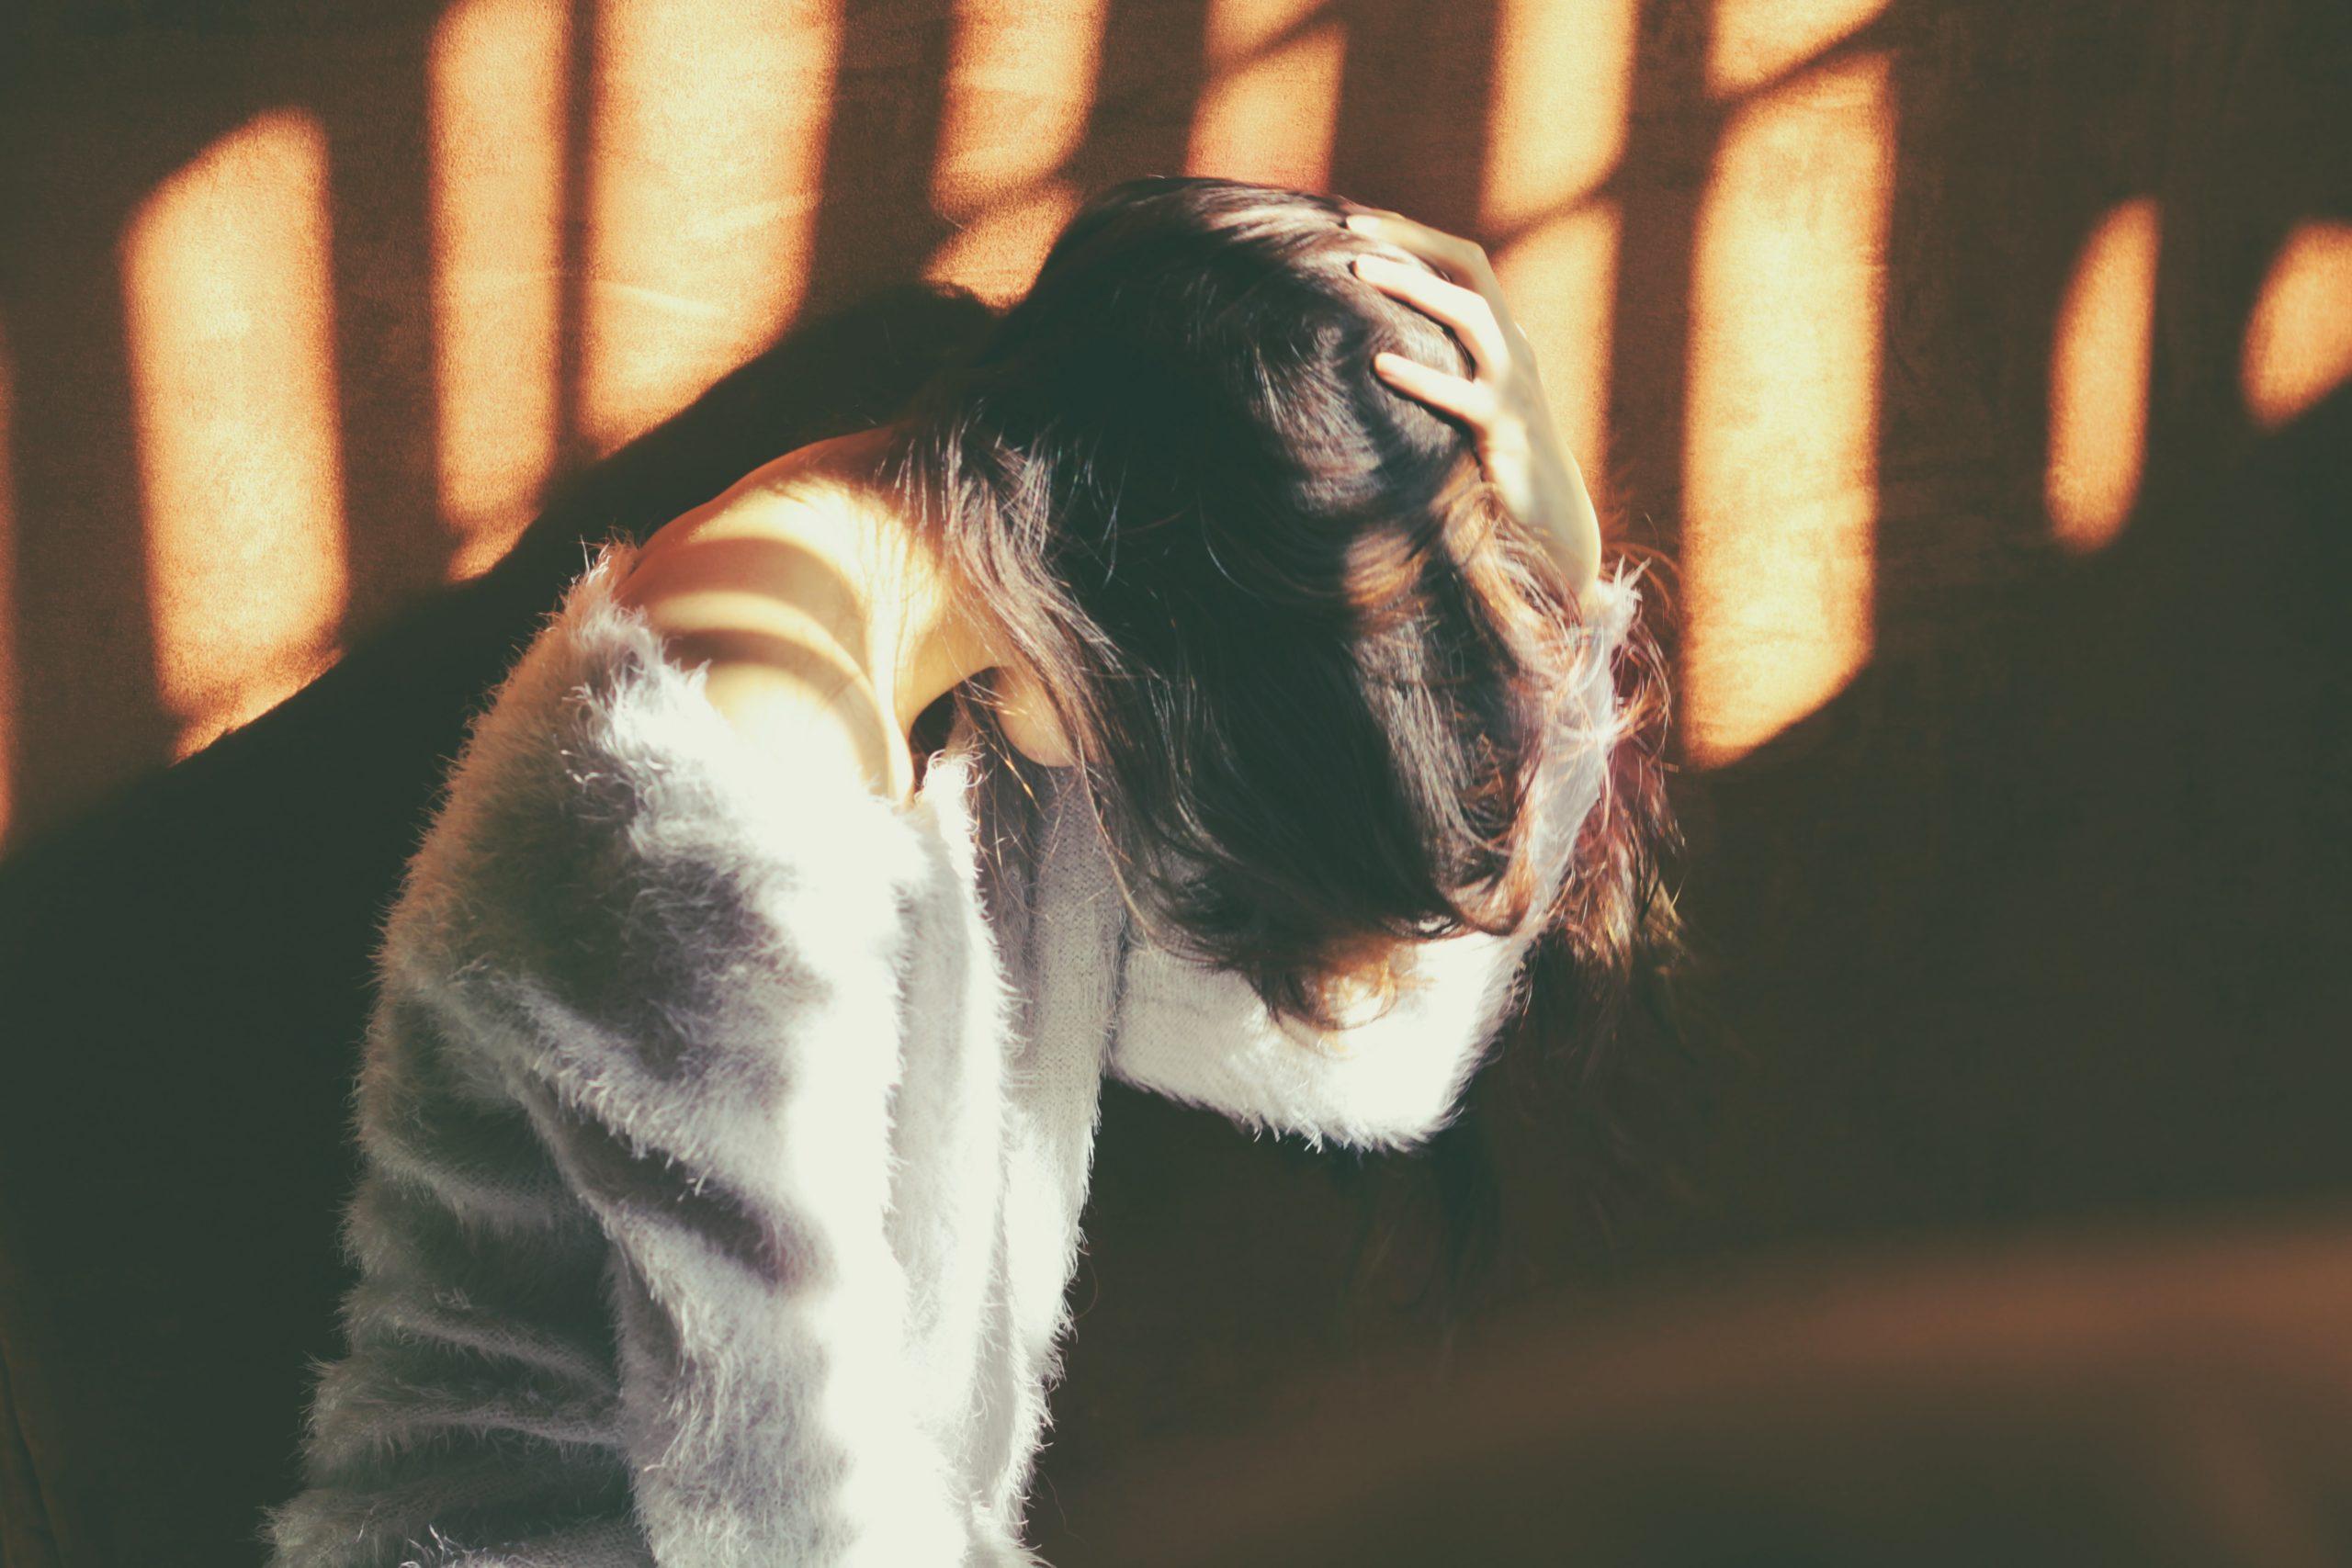 Uma mulher triste pois ela pensa muitas coisas negativas.